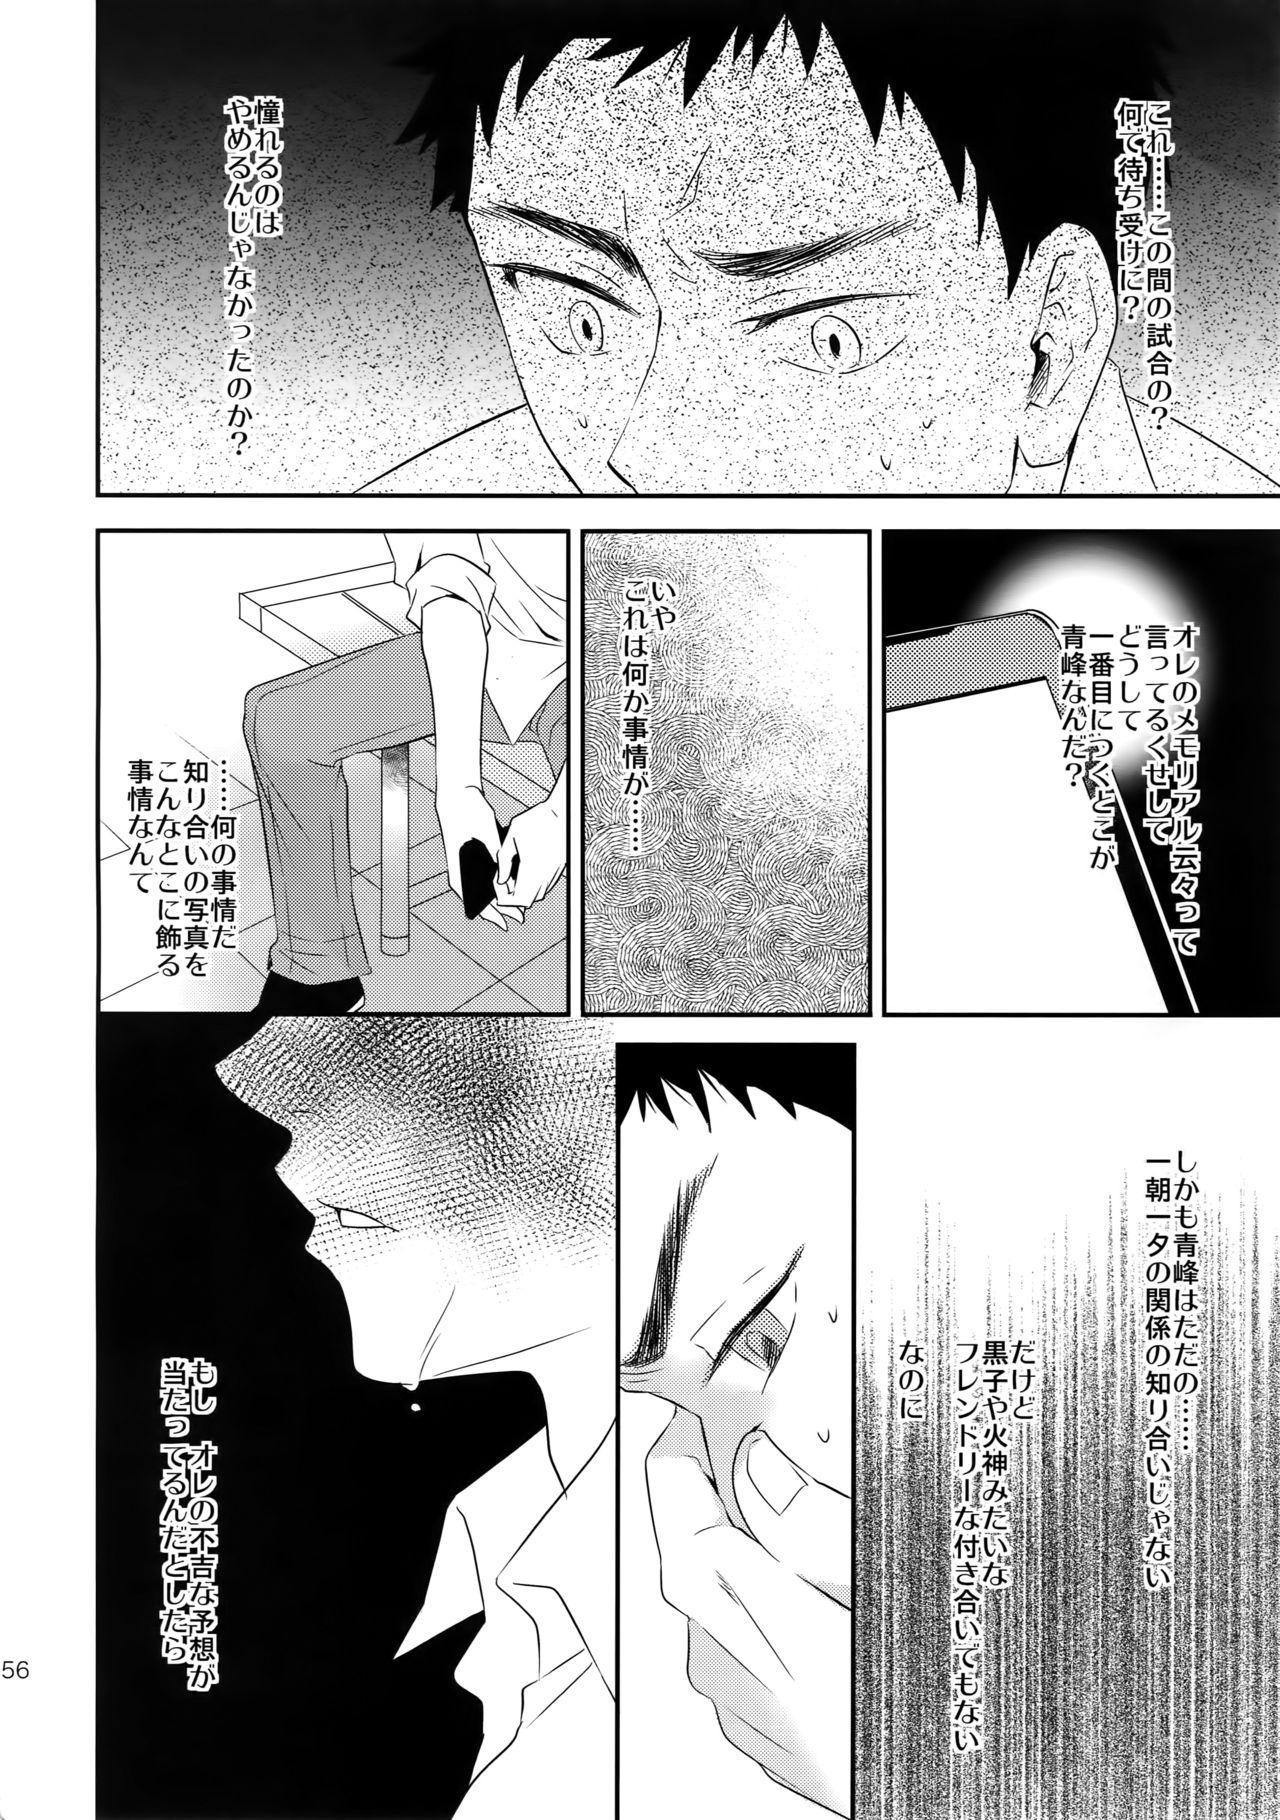 Kanpeki Kareshi to Zettai Ryouiki Ouji-sama 154